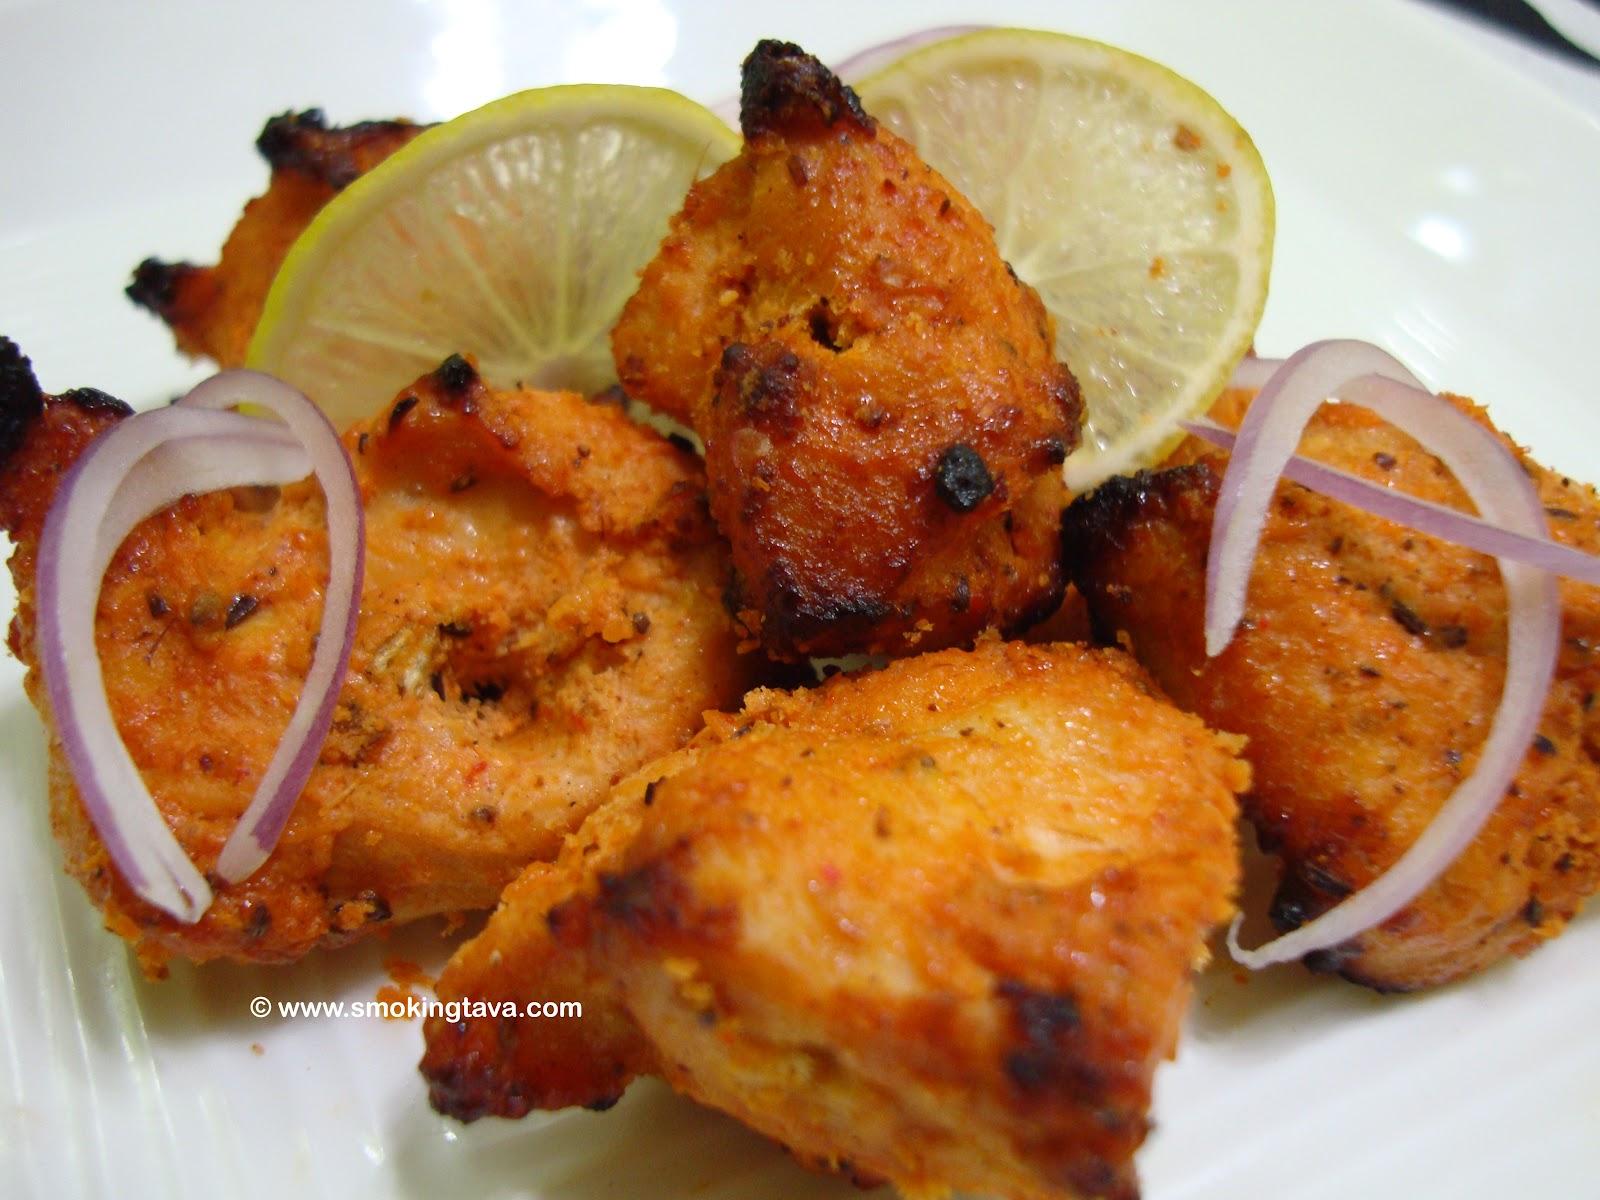 The Smoking Tava: Chicken Tikka